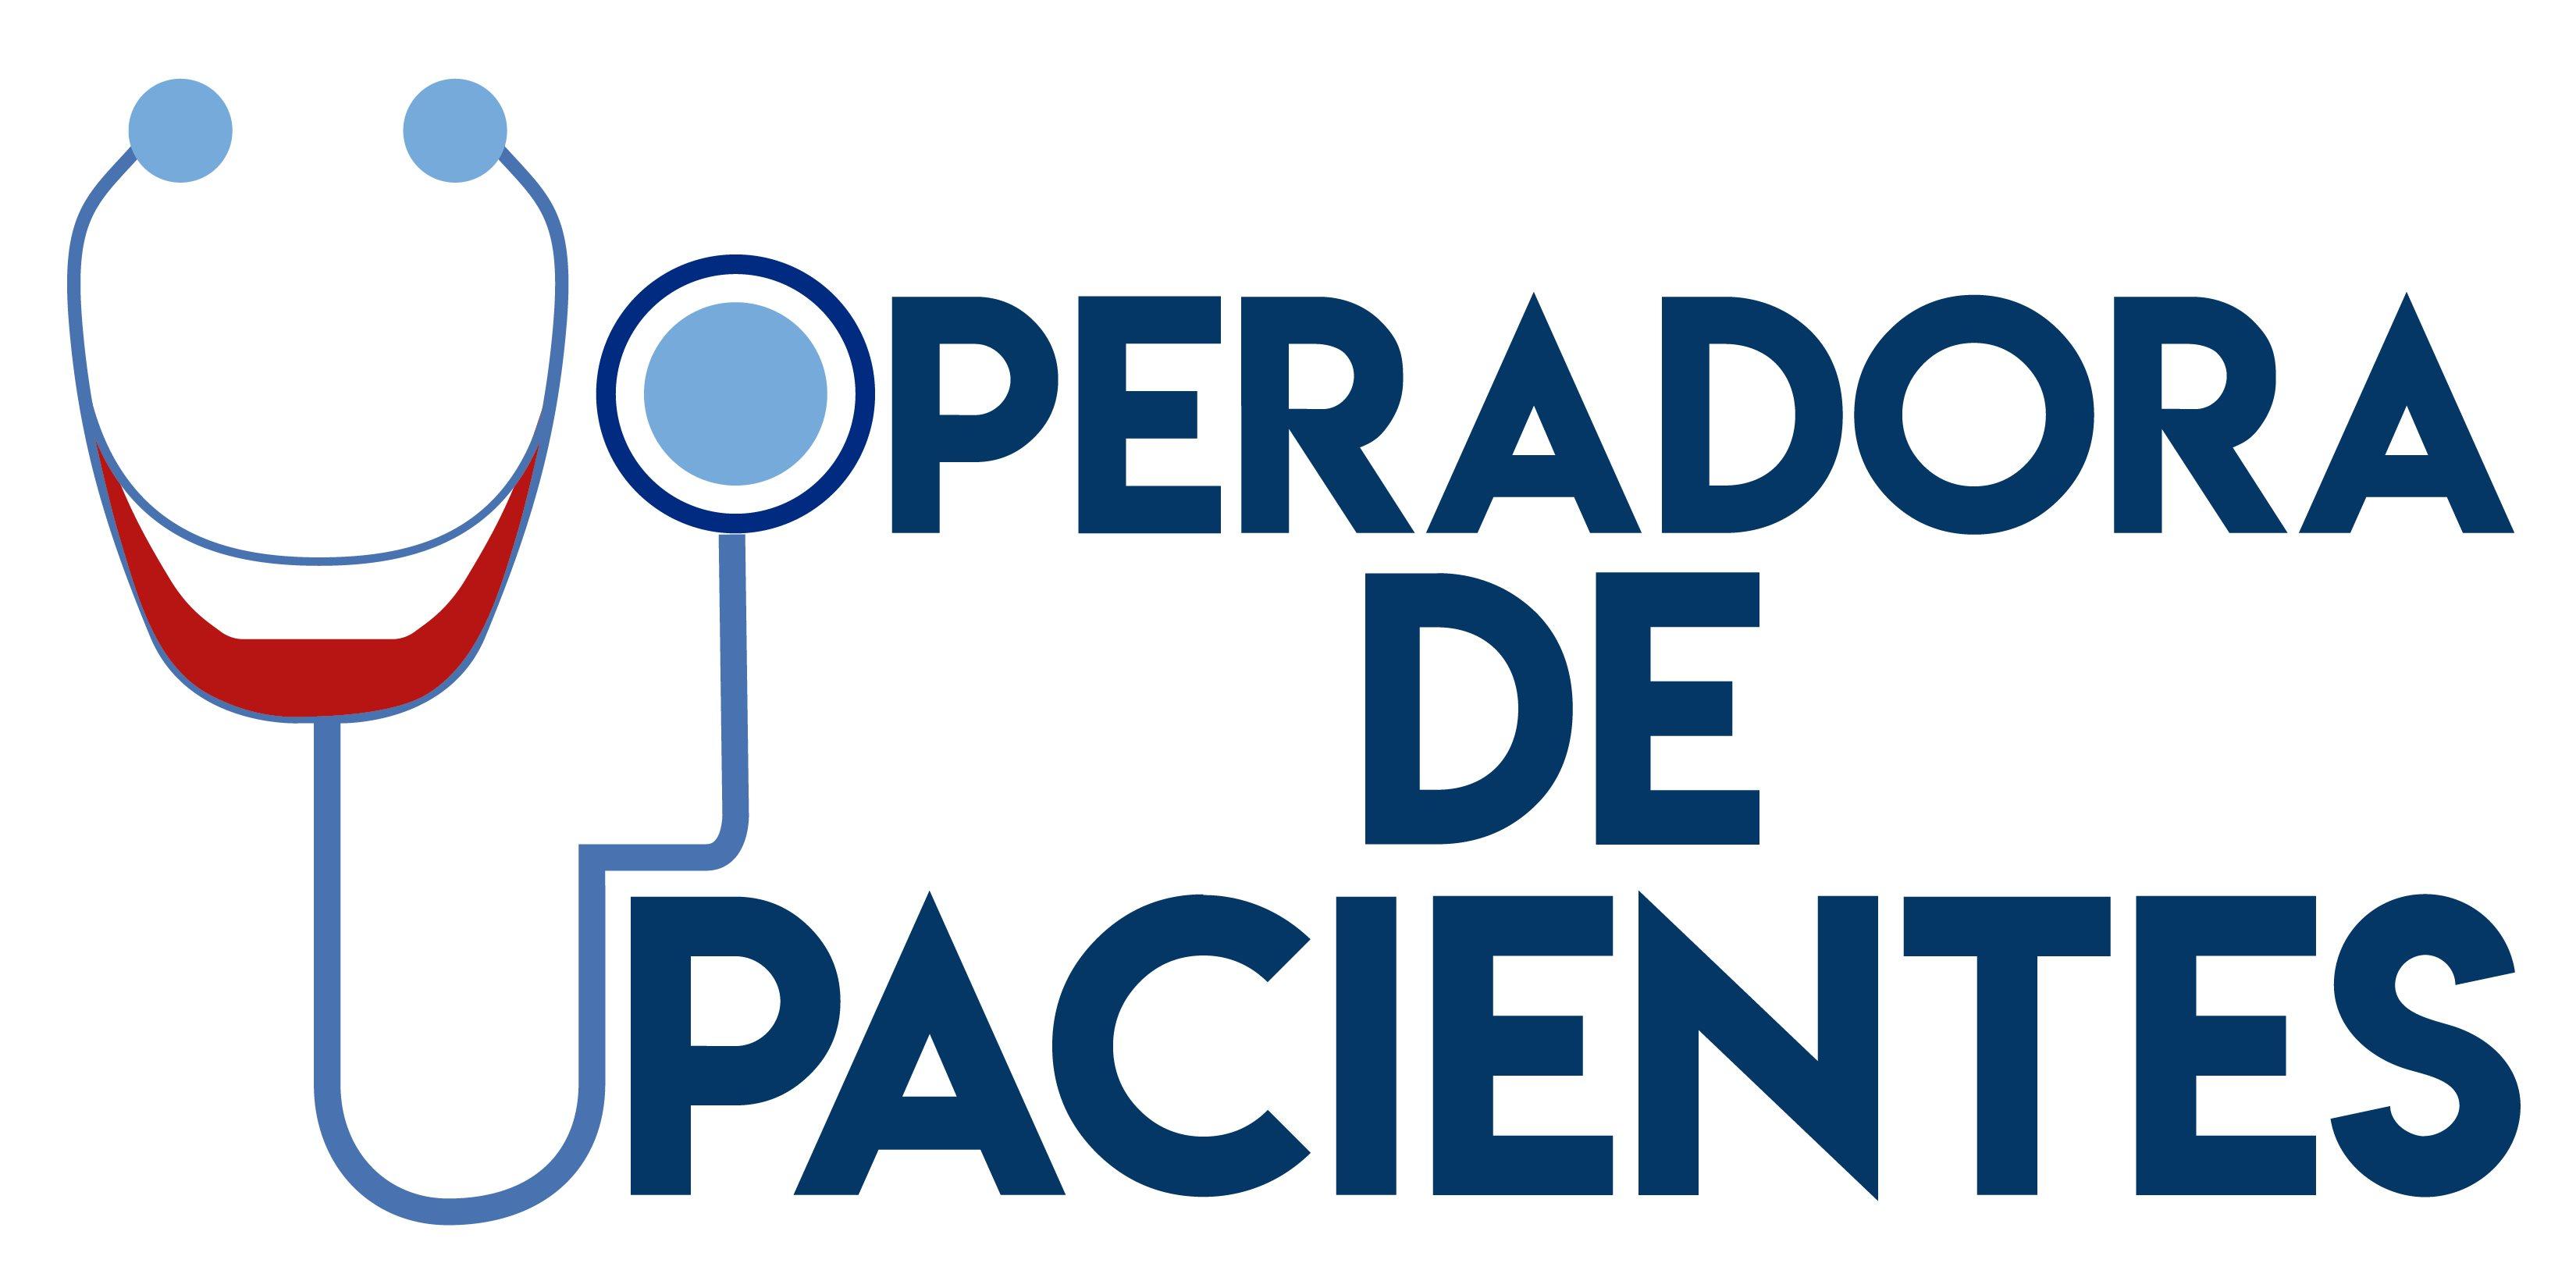 OPERADORA DE PACIENTES